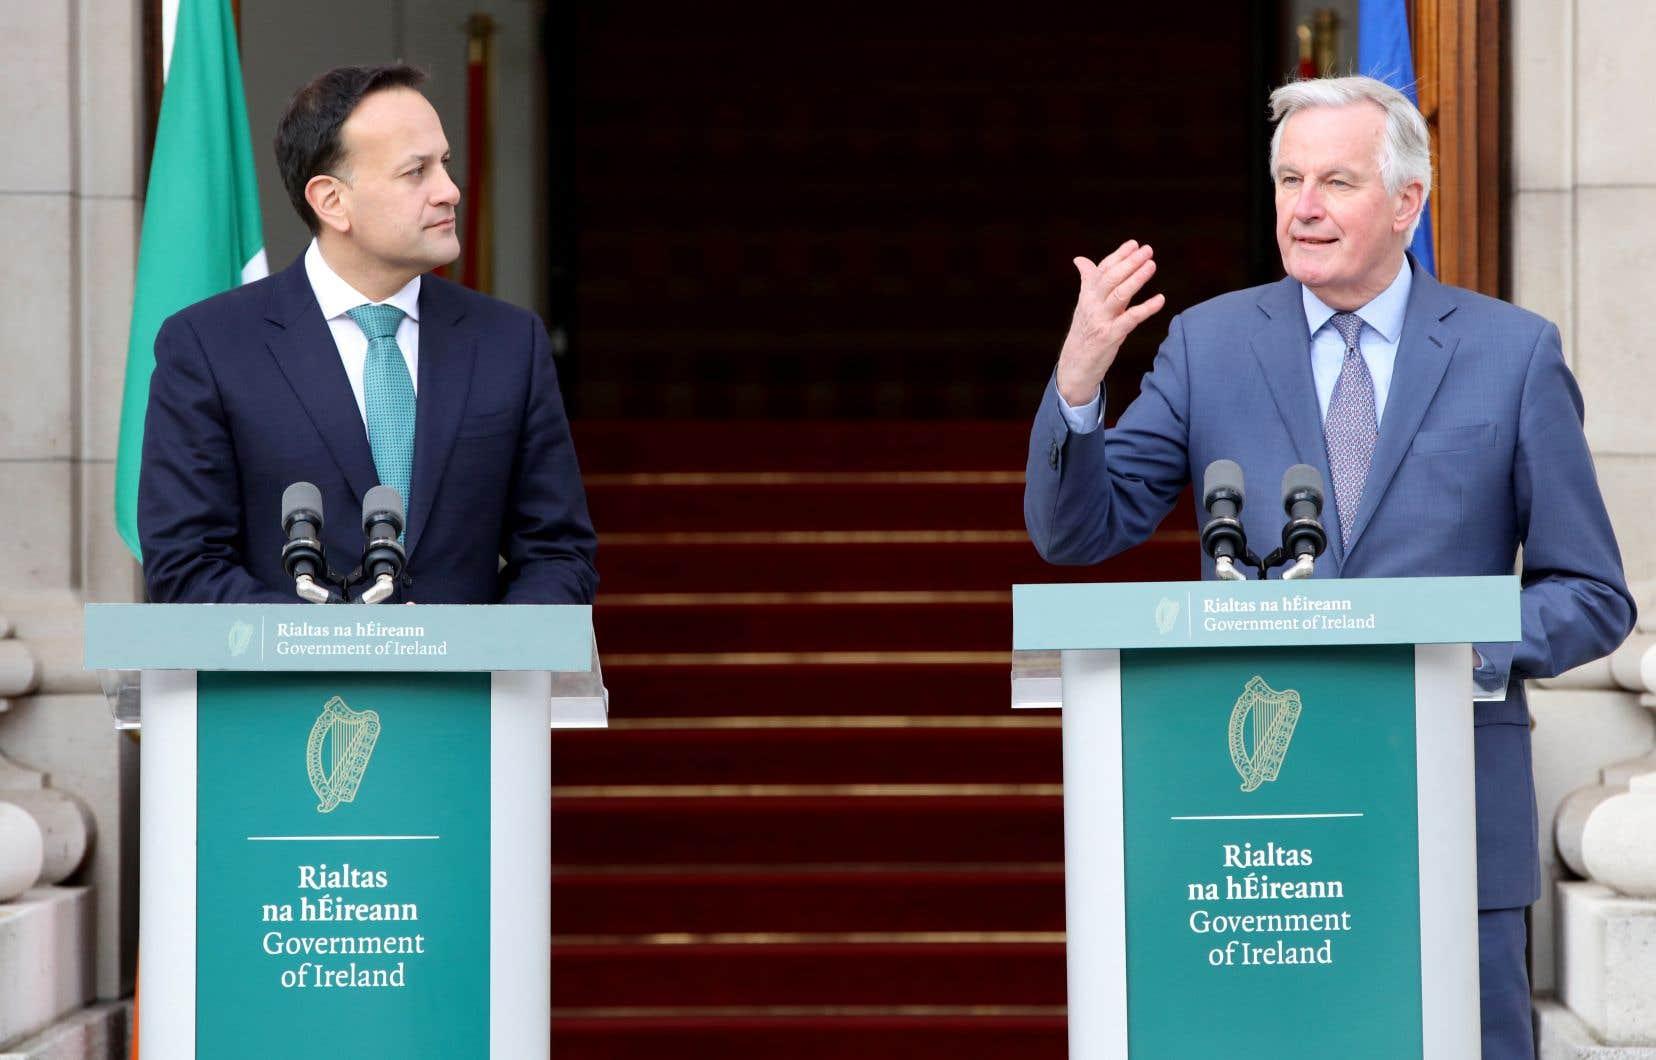 Le négociateur en chef de l'UE, Michel Barnier, s'exprime lors d'une conférence de presse avec le premier ministre irlandais, Leo Varadkar.